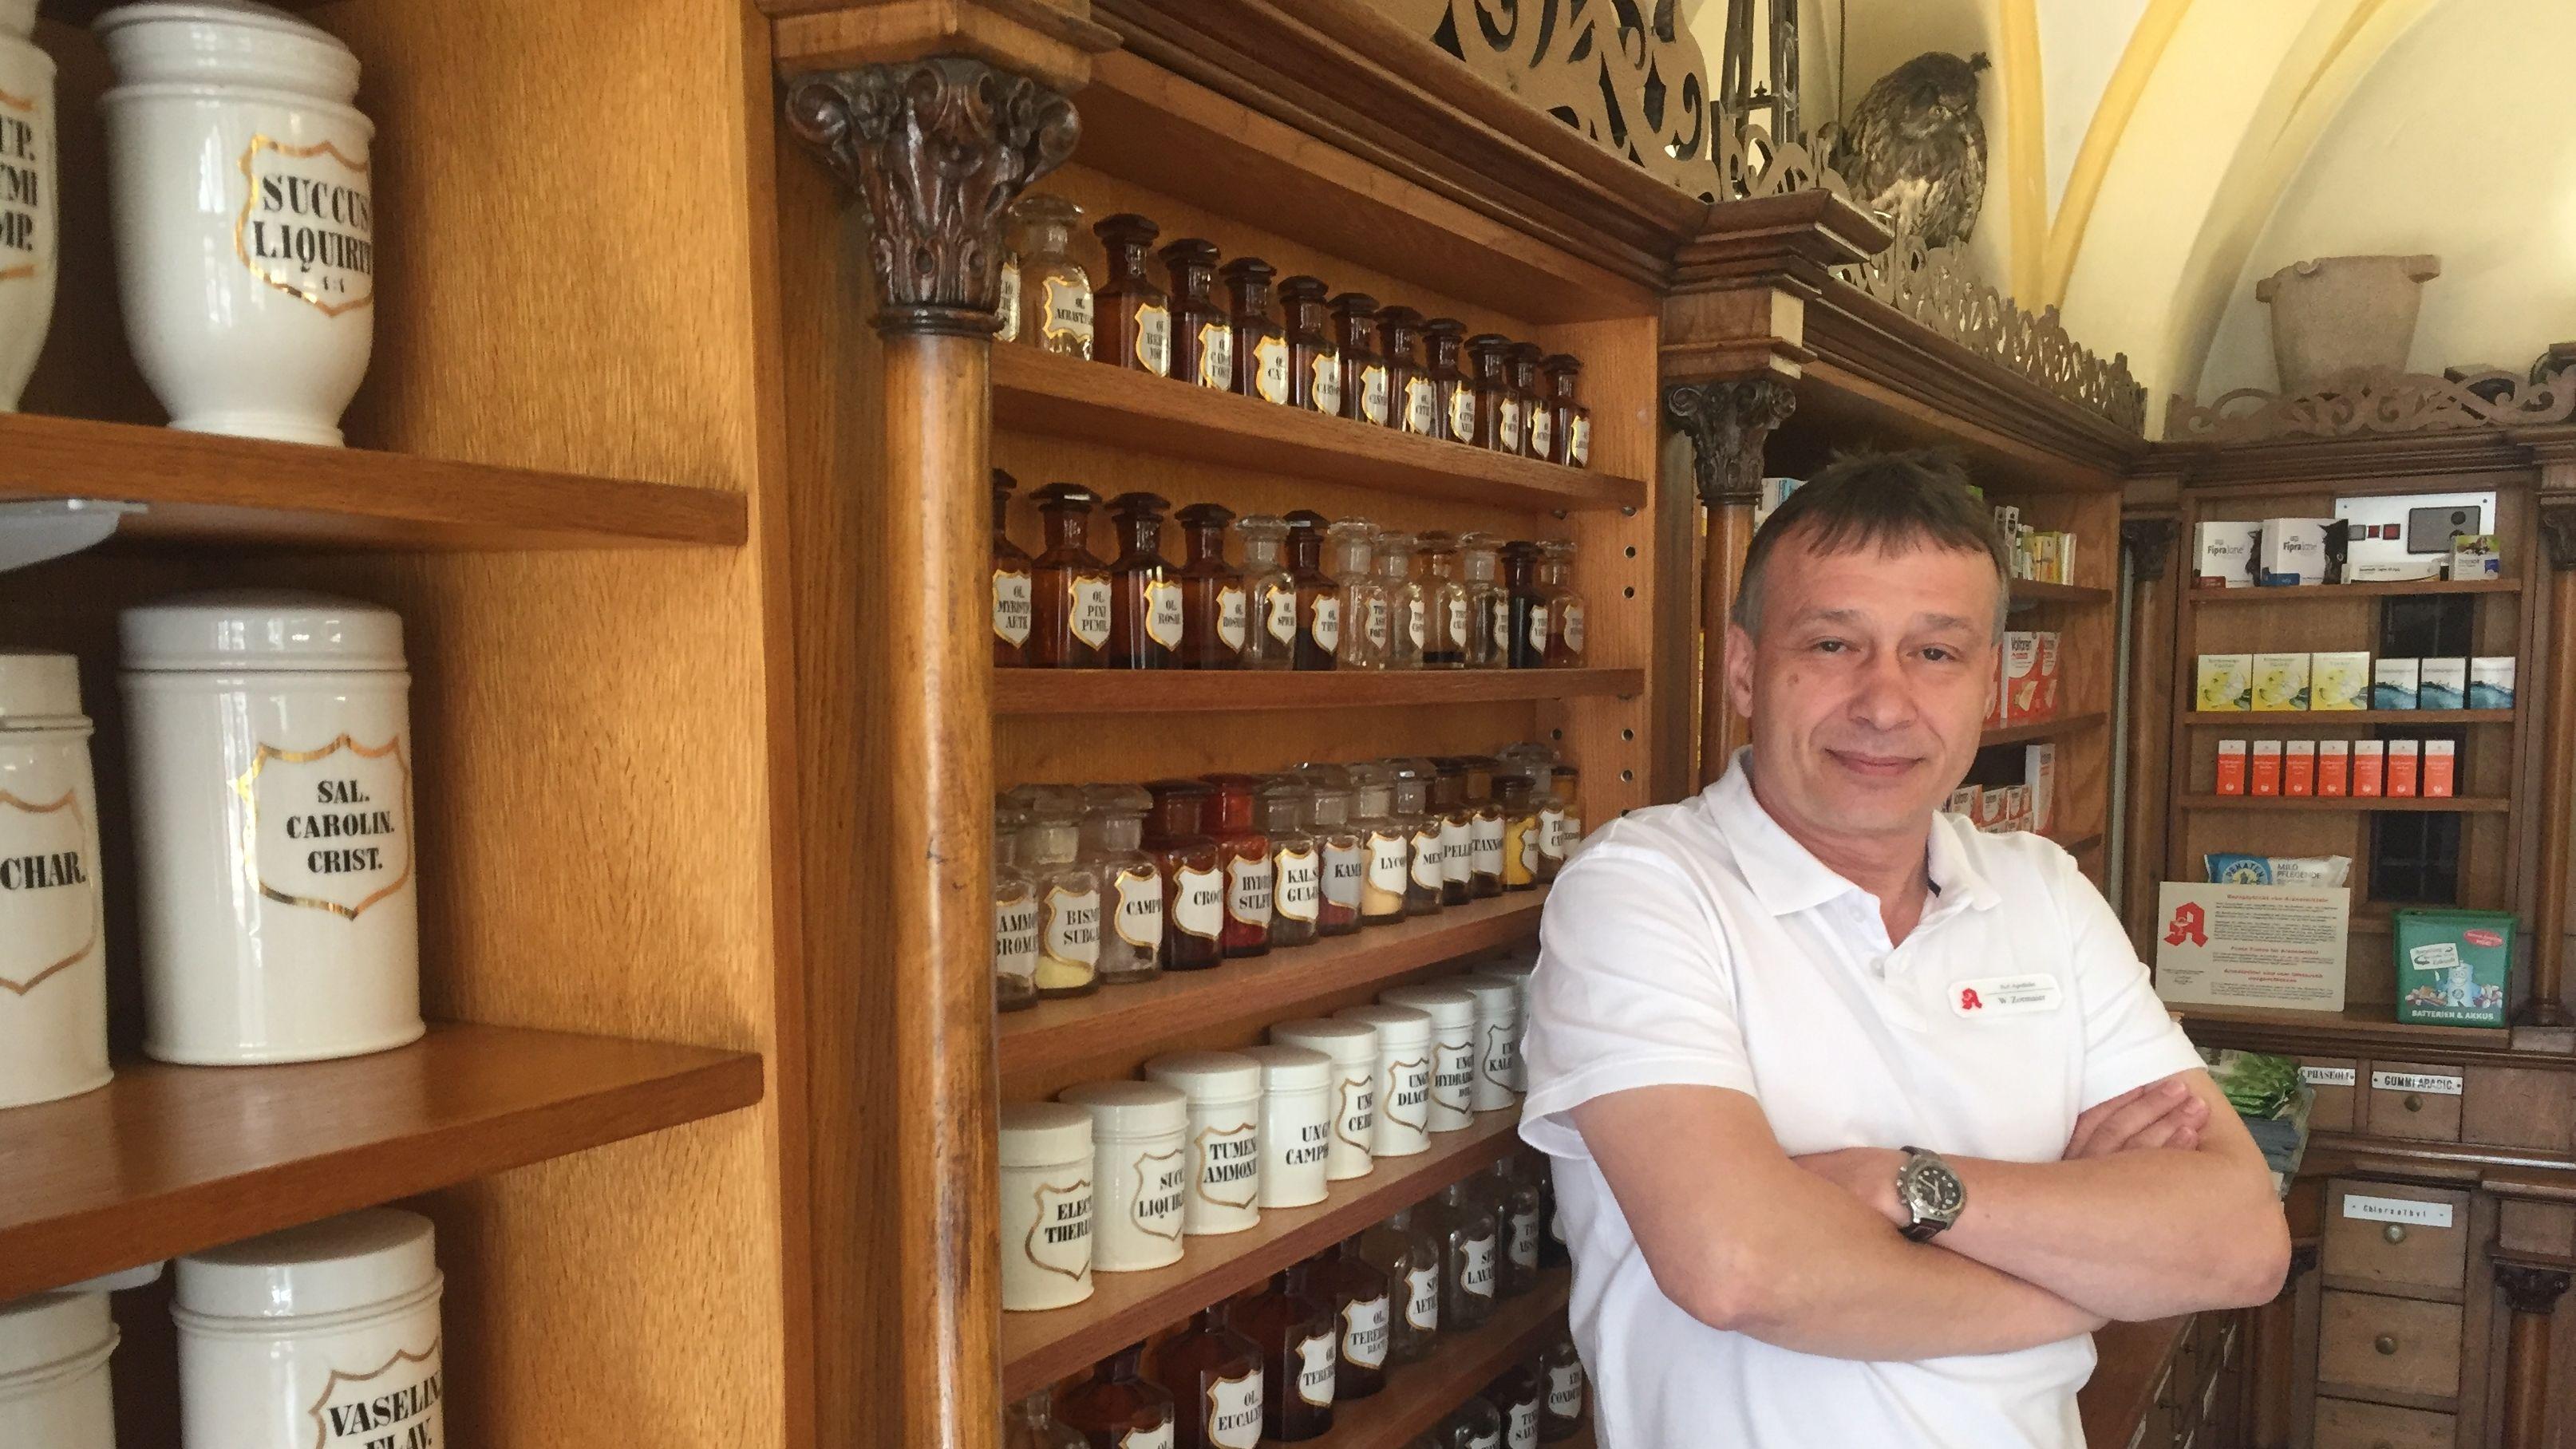 Wolfgang Zormaier, Chef der Passauer Apotheke, vor einem kunstvoll geschnitzten Regal